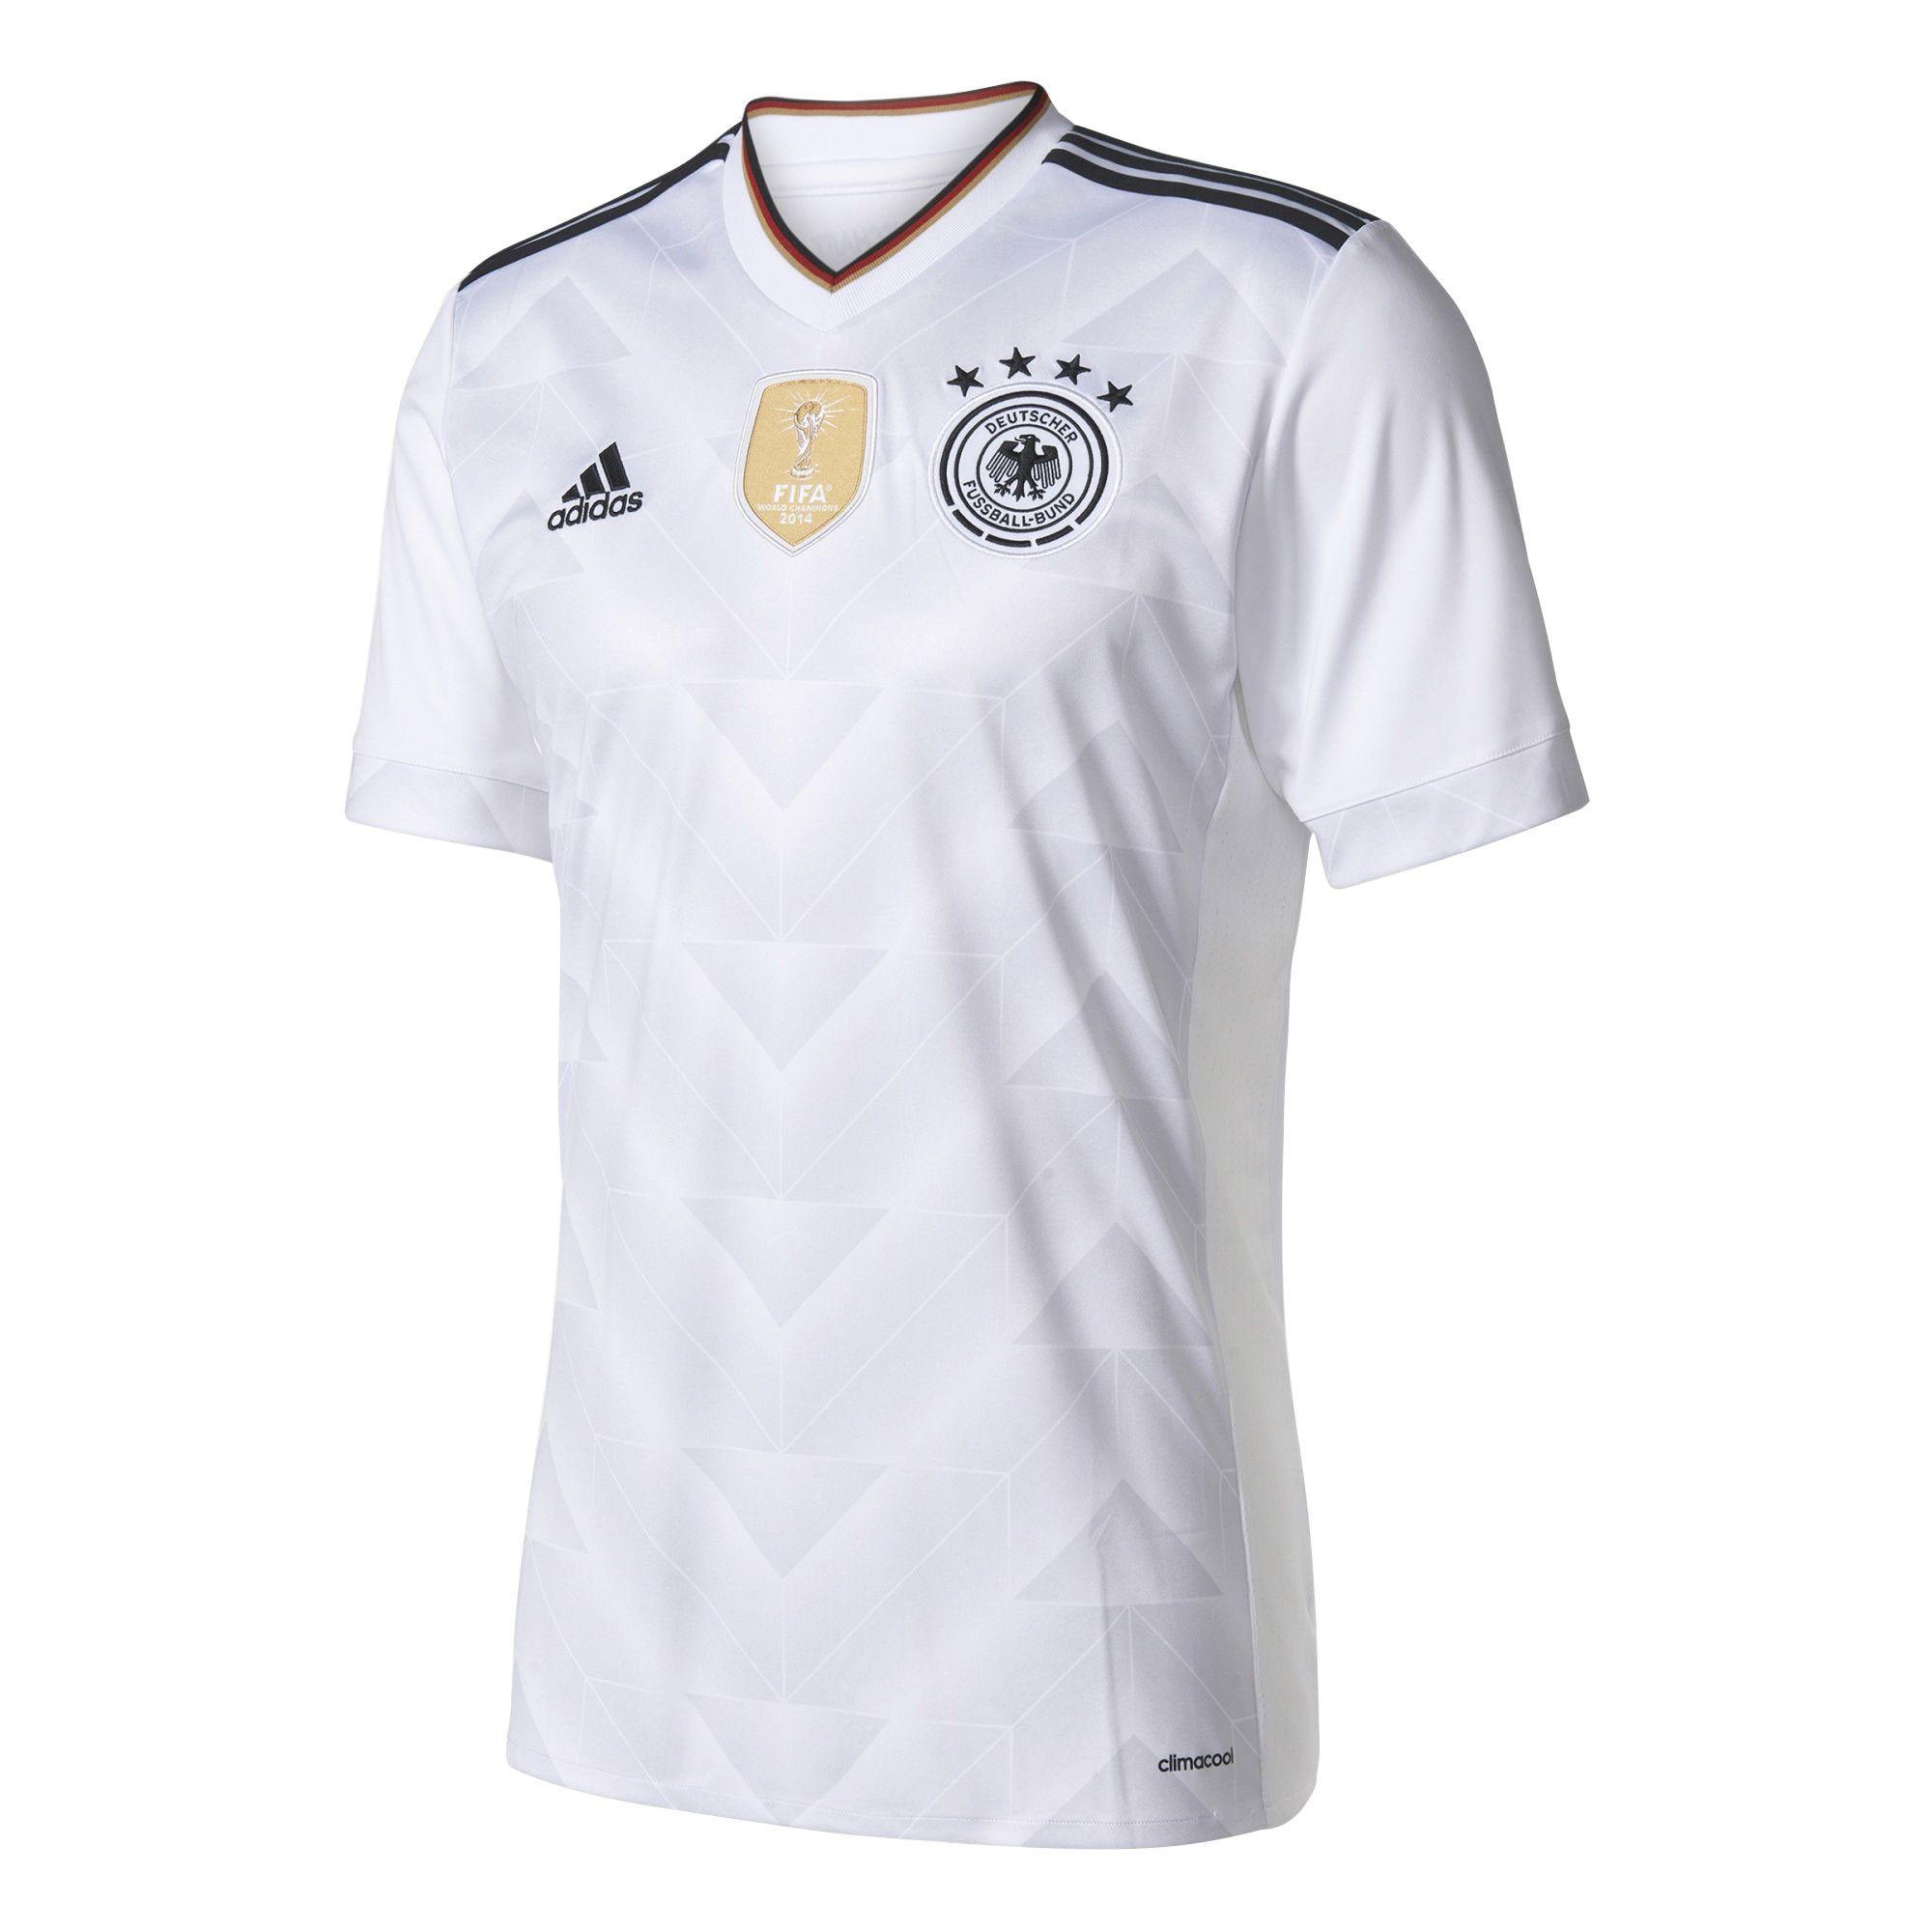 4b9bc03bf1a Camisa Adidas Alemanha 1 Ref.B47873 - Sportland